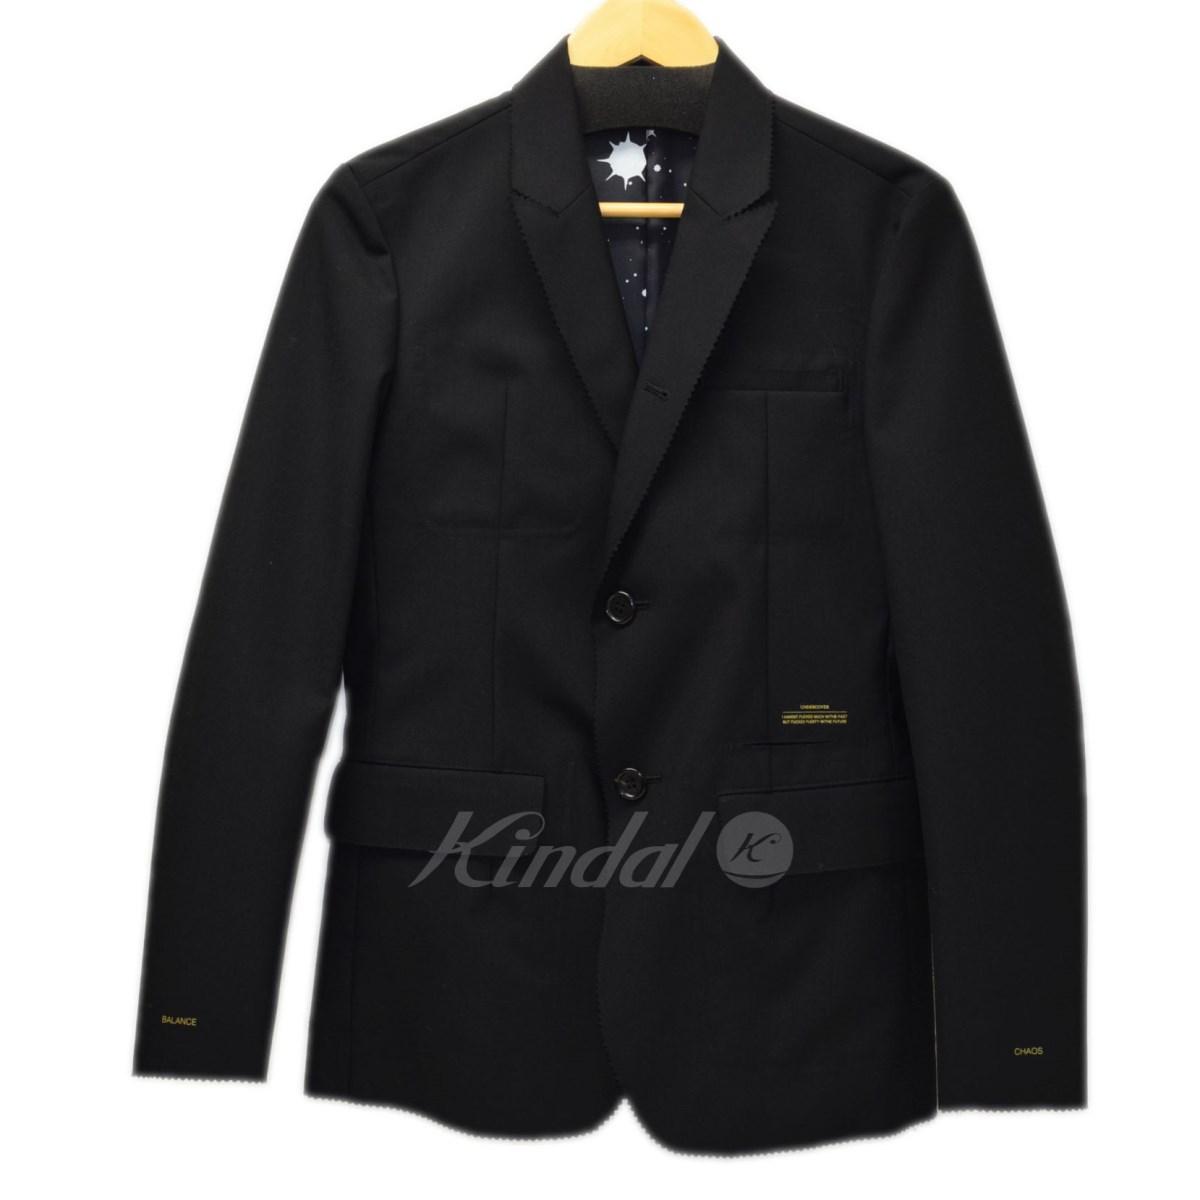 【中古】UNDER COVER 2016AW テーラードジャケット ブラック サイズ:1 【送料無料】 【250219】(アンダーカバー)